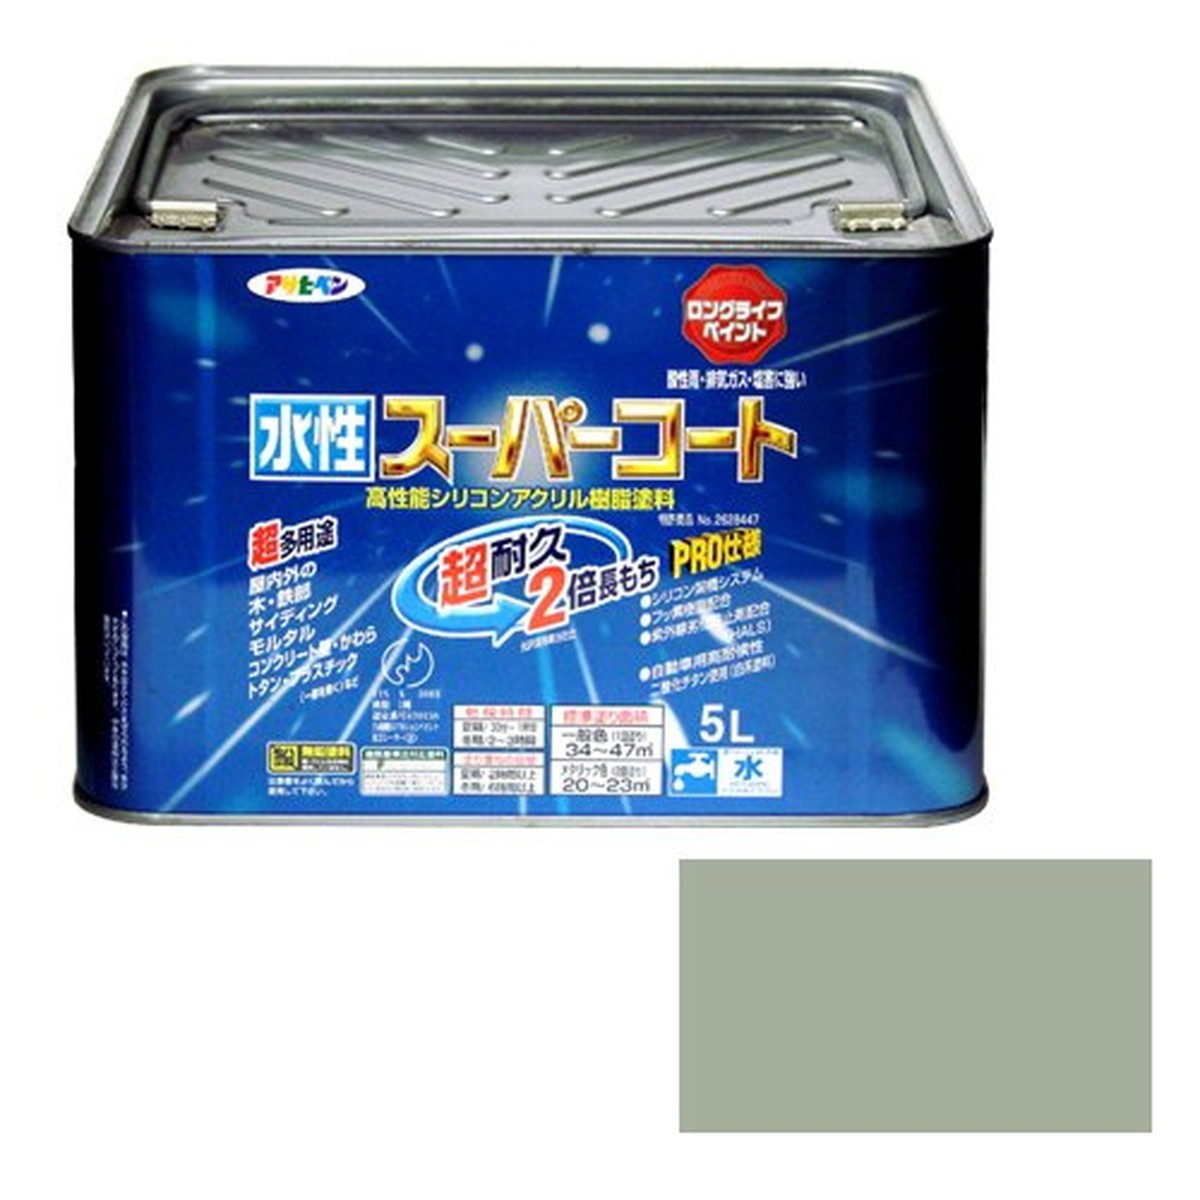 アサヒペン ペンキ 水性スーパーコート 水性多用途 ソフトグレー 5L【クーポン配布中】